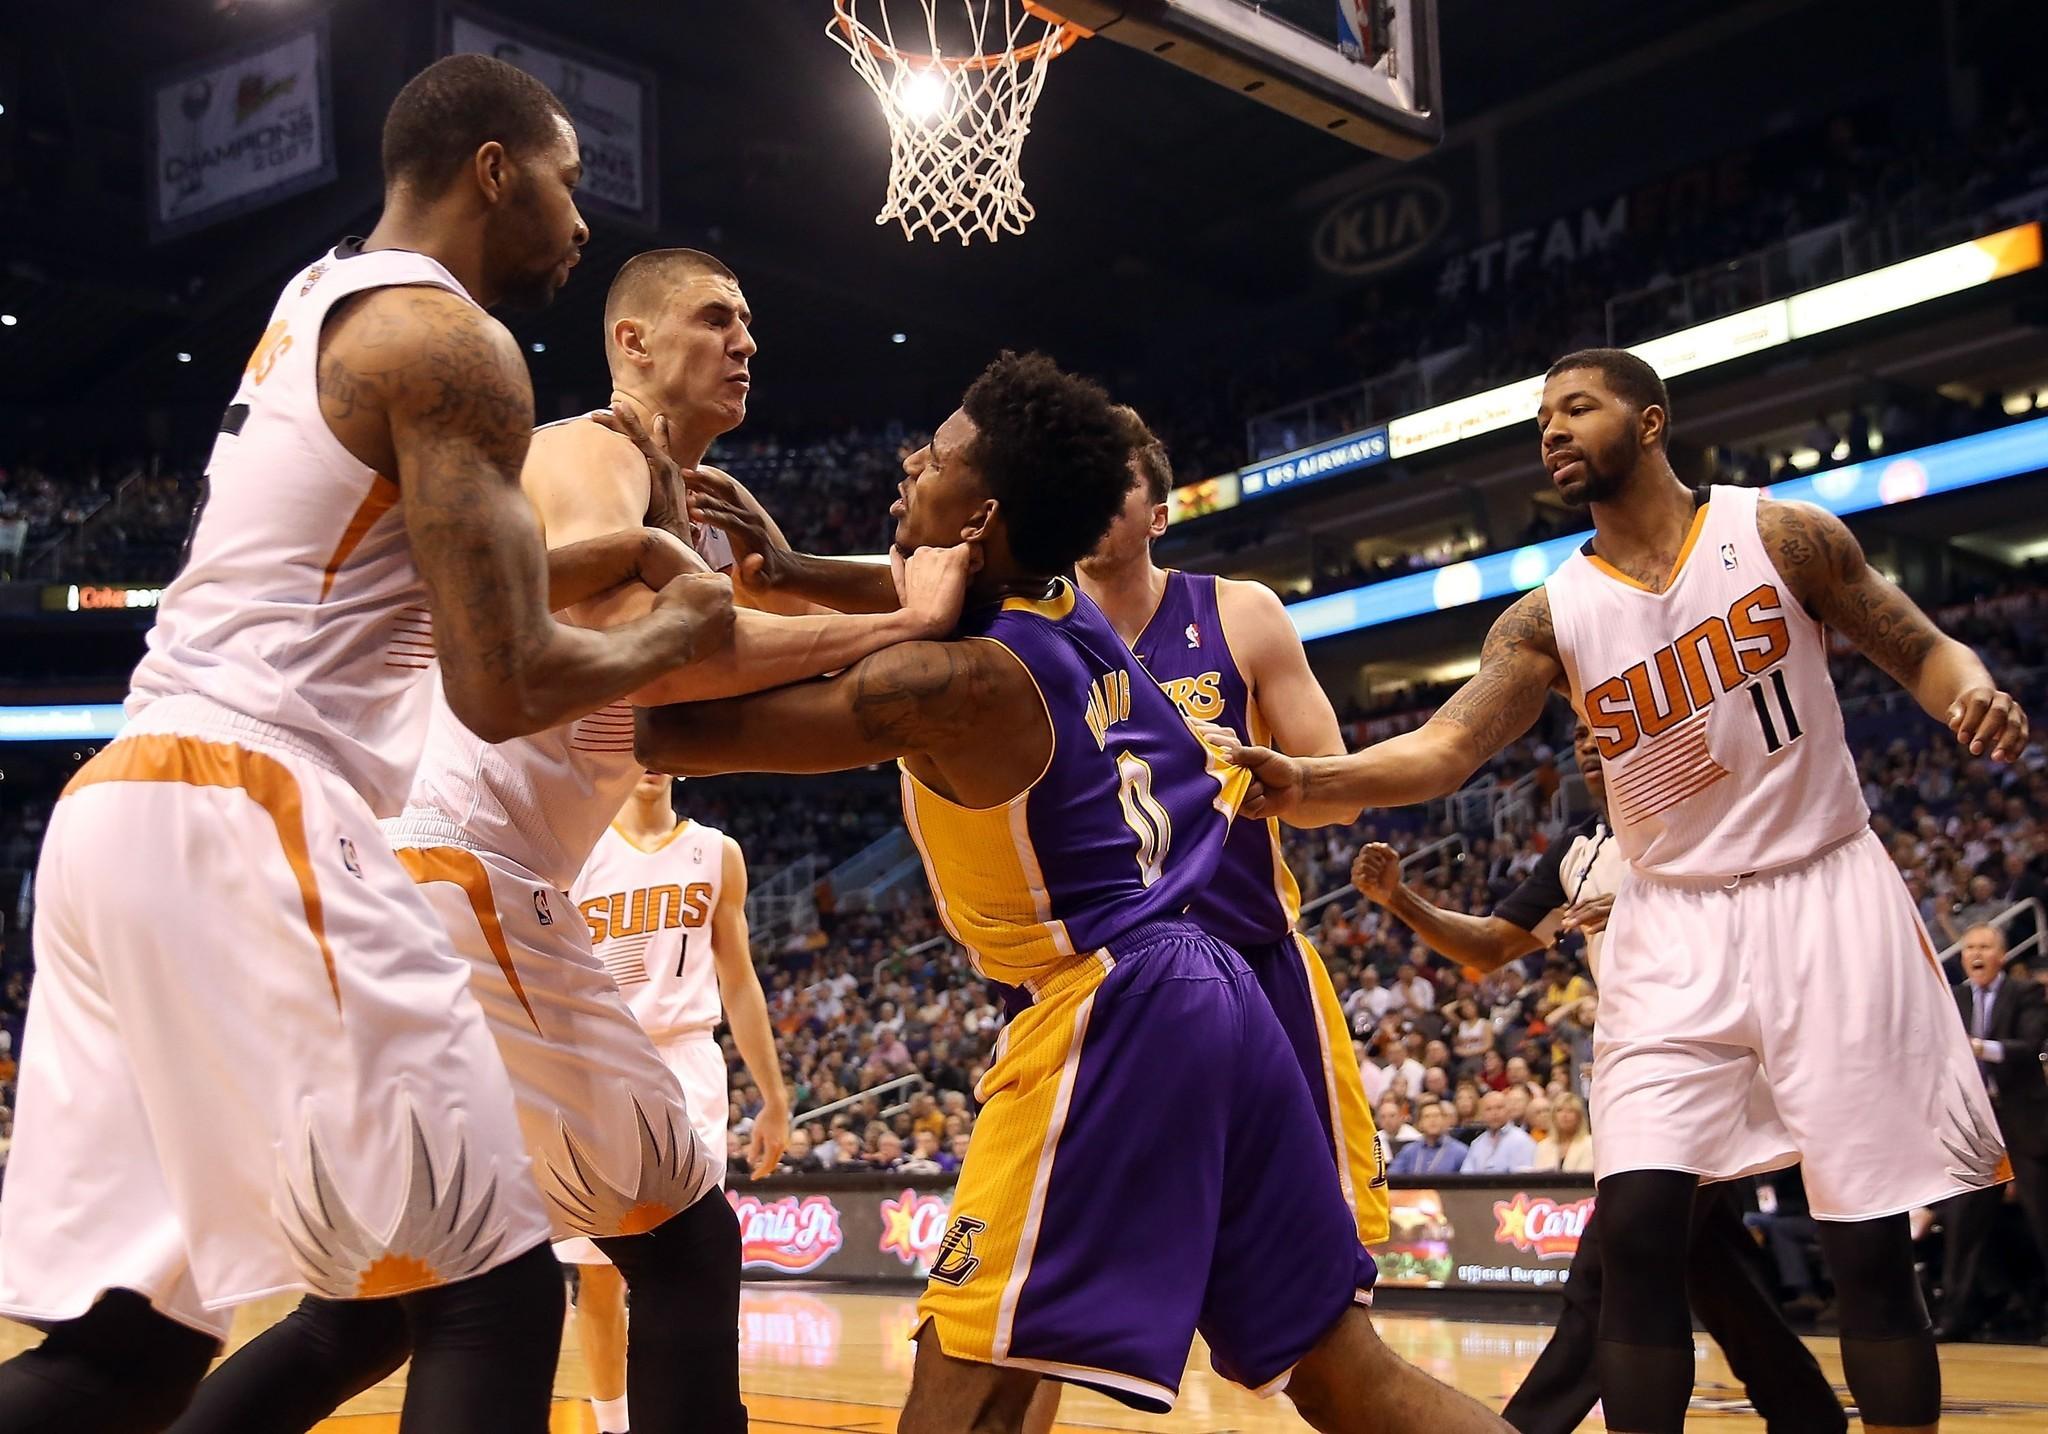 NIck Young vs Suns